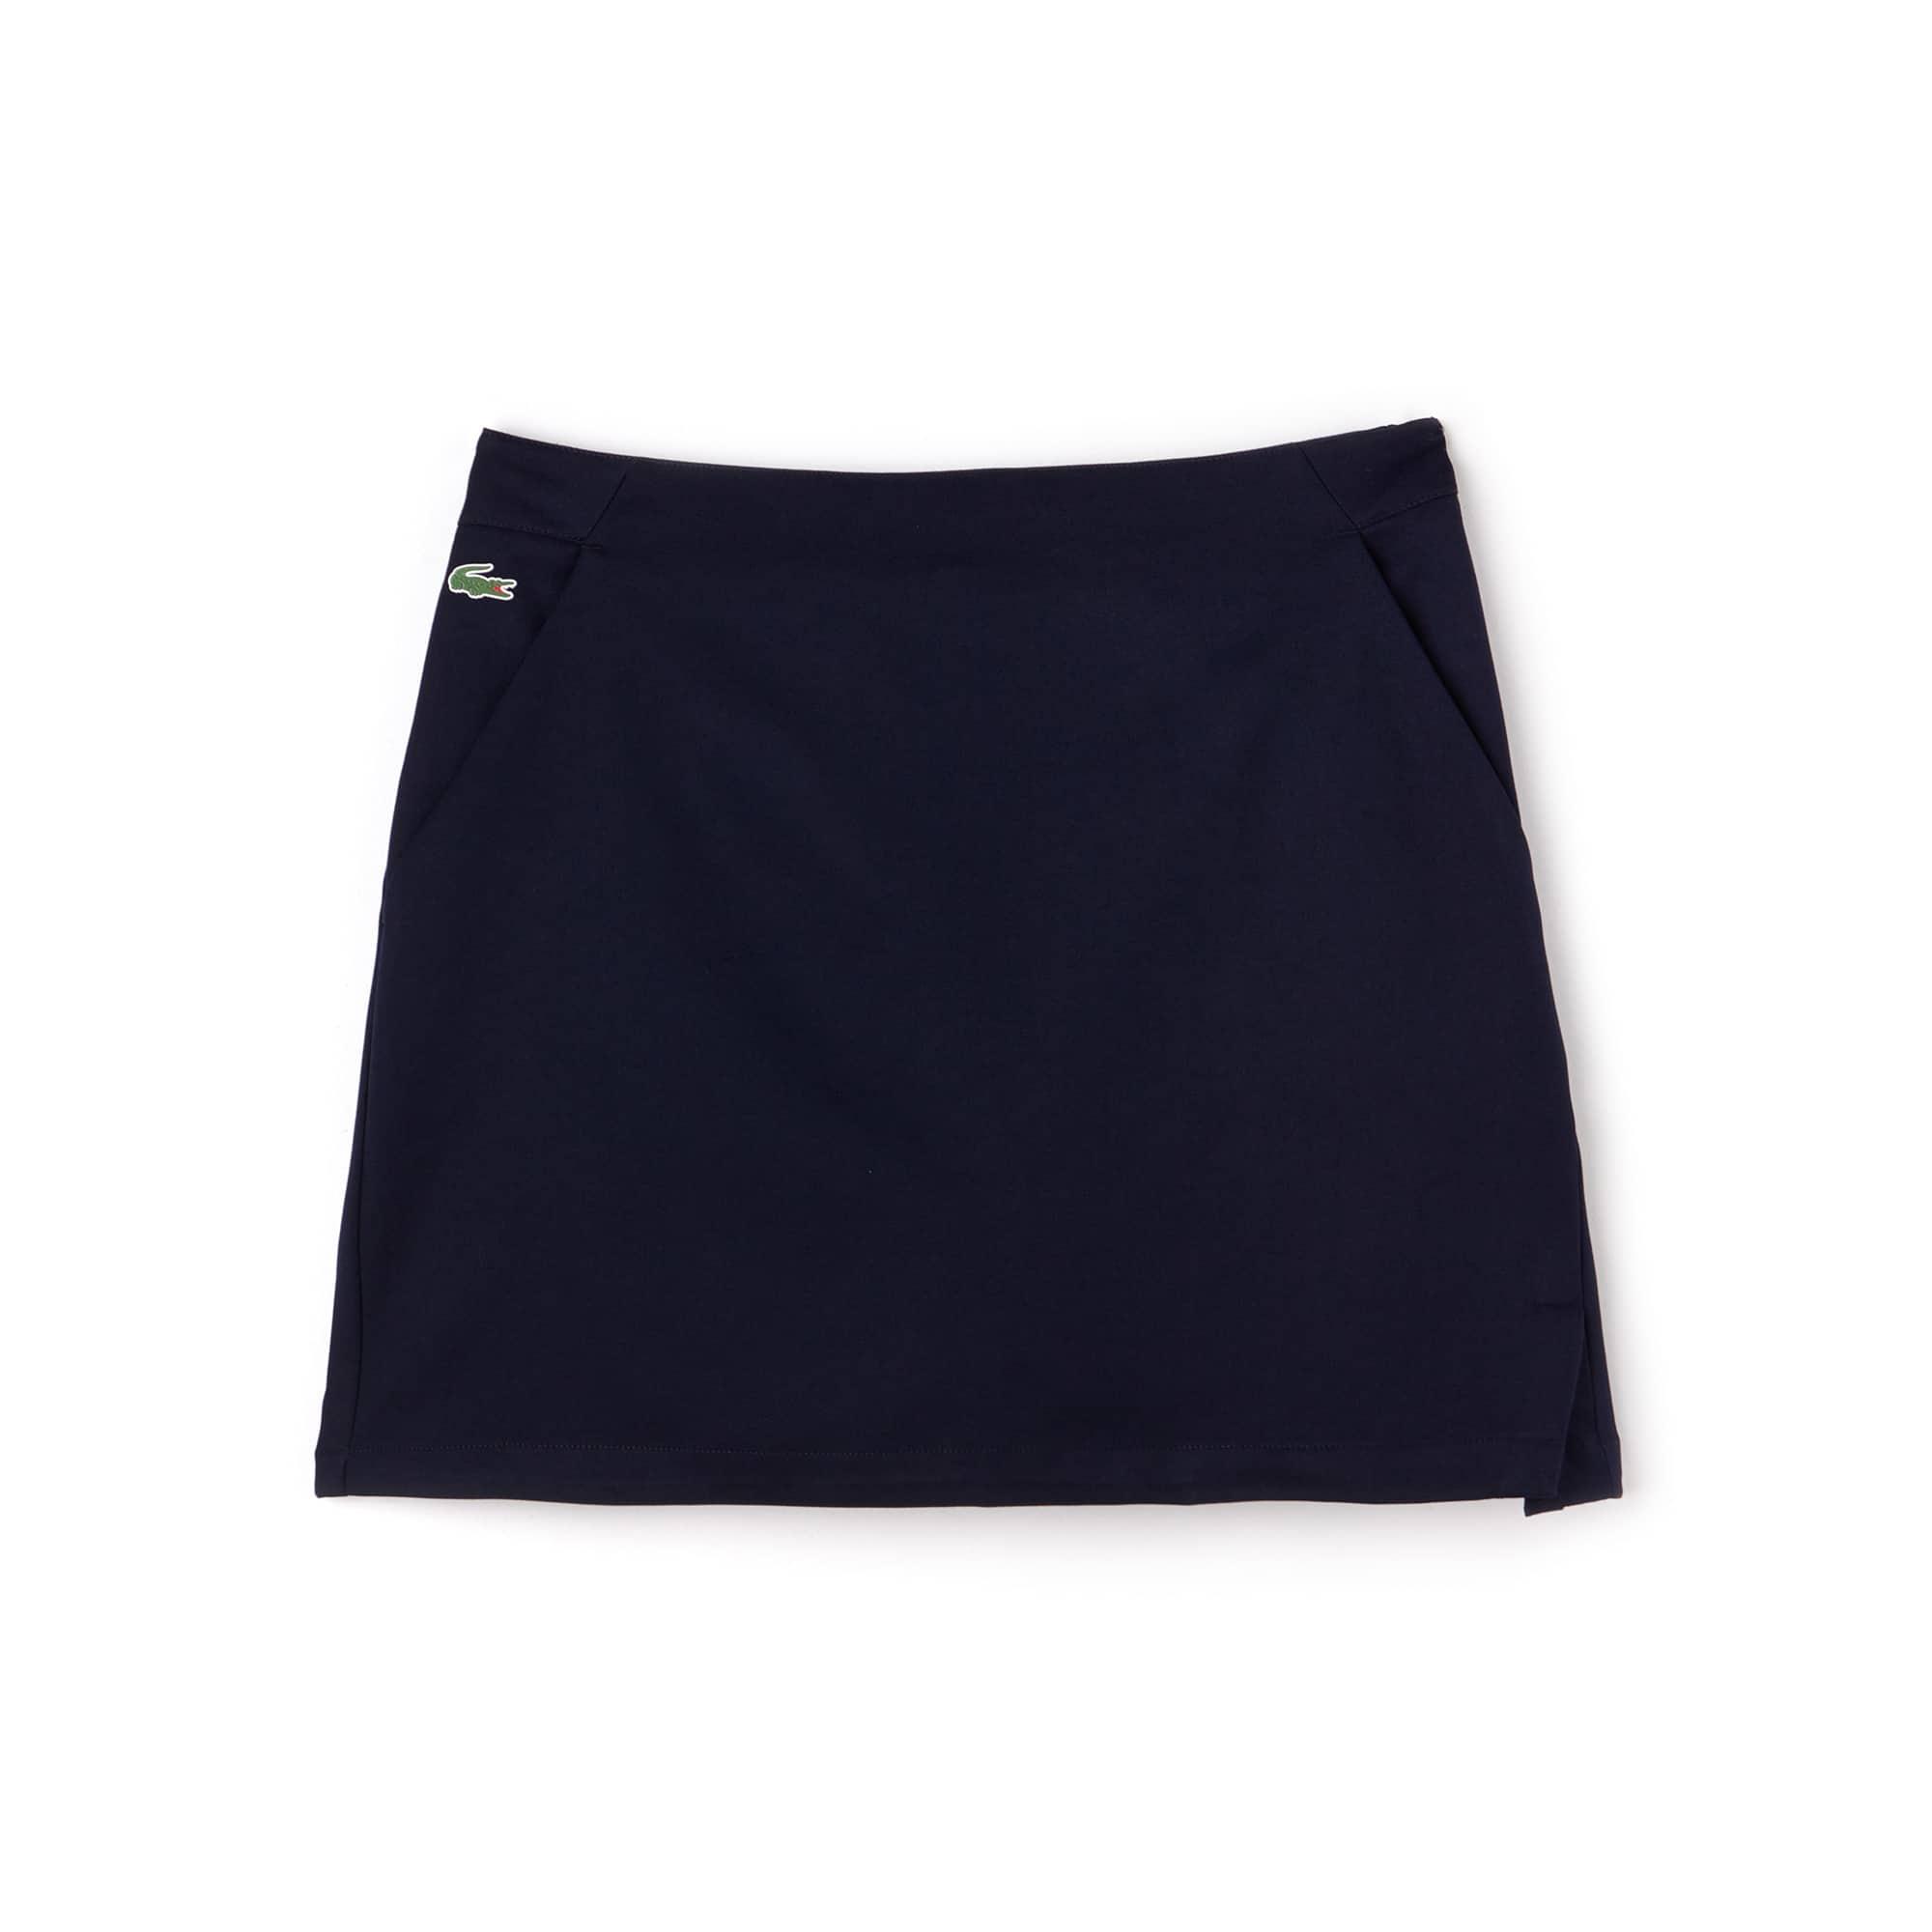 Women's Lacoste SPORT Technical Gabardine Golf Skirt